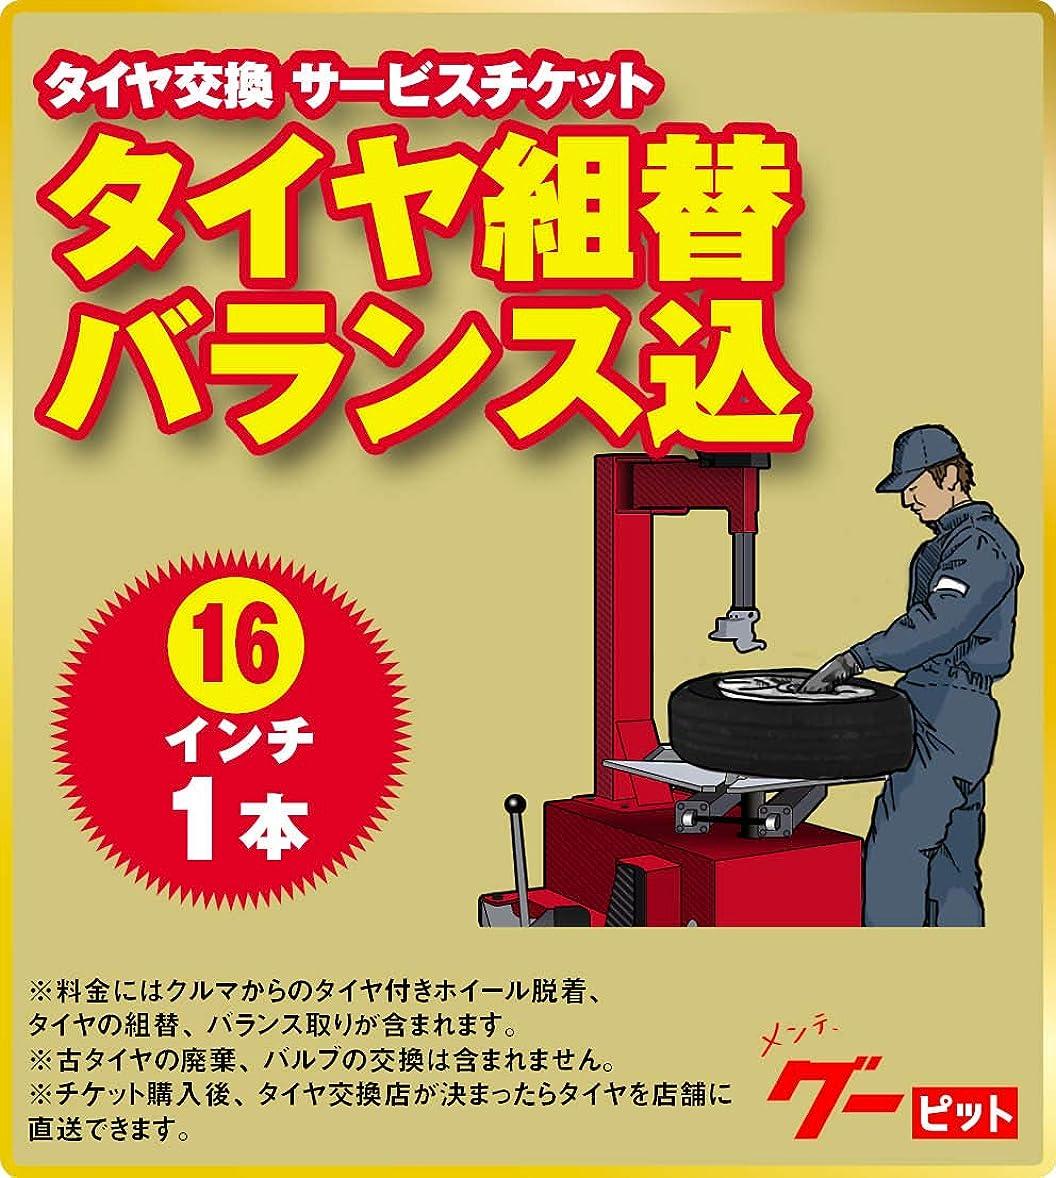 シマウマわずかな宝[取付込]ヨコハマ(YOKOHAMA) 低燃費タイヤ BluEarth AE-01F 175/65R15 84S-1本